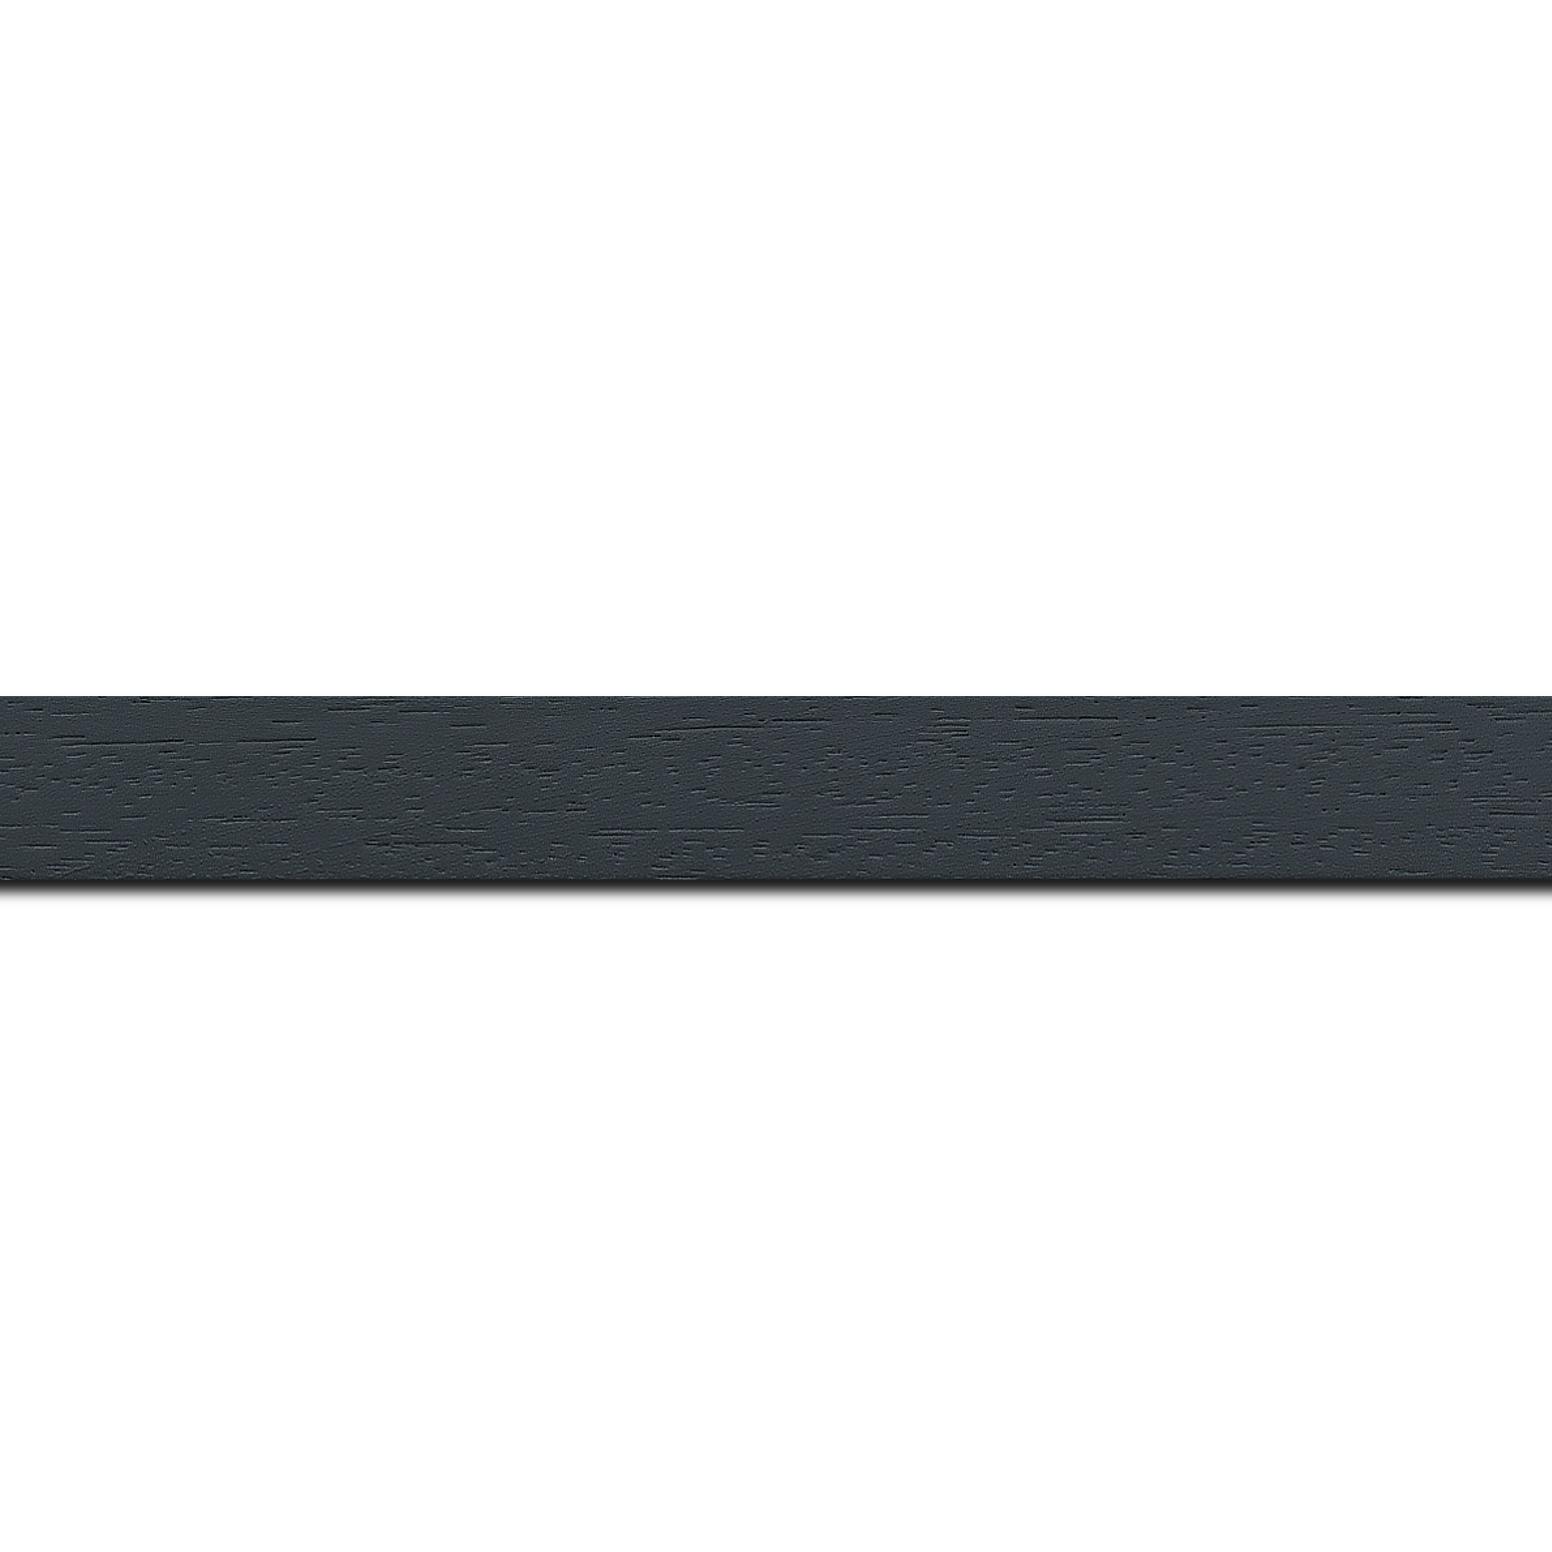 Baguette longueur 1.40m bois profil plat largeur 2cm hauteur 3.3cm couleur gris foncé satiné (aussi appelé cache clou)